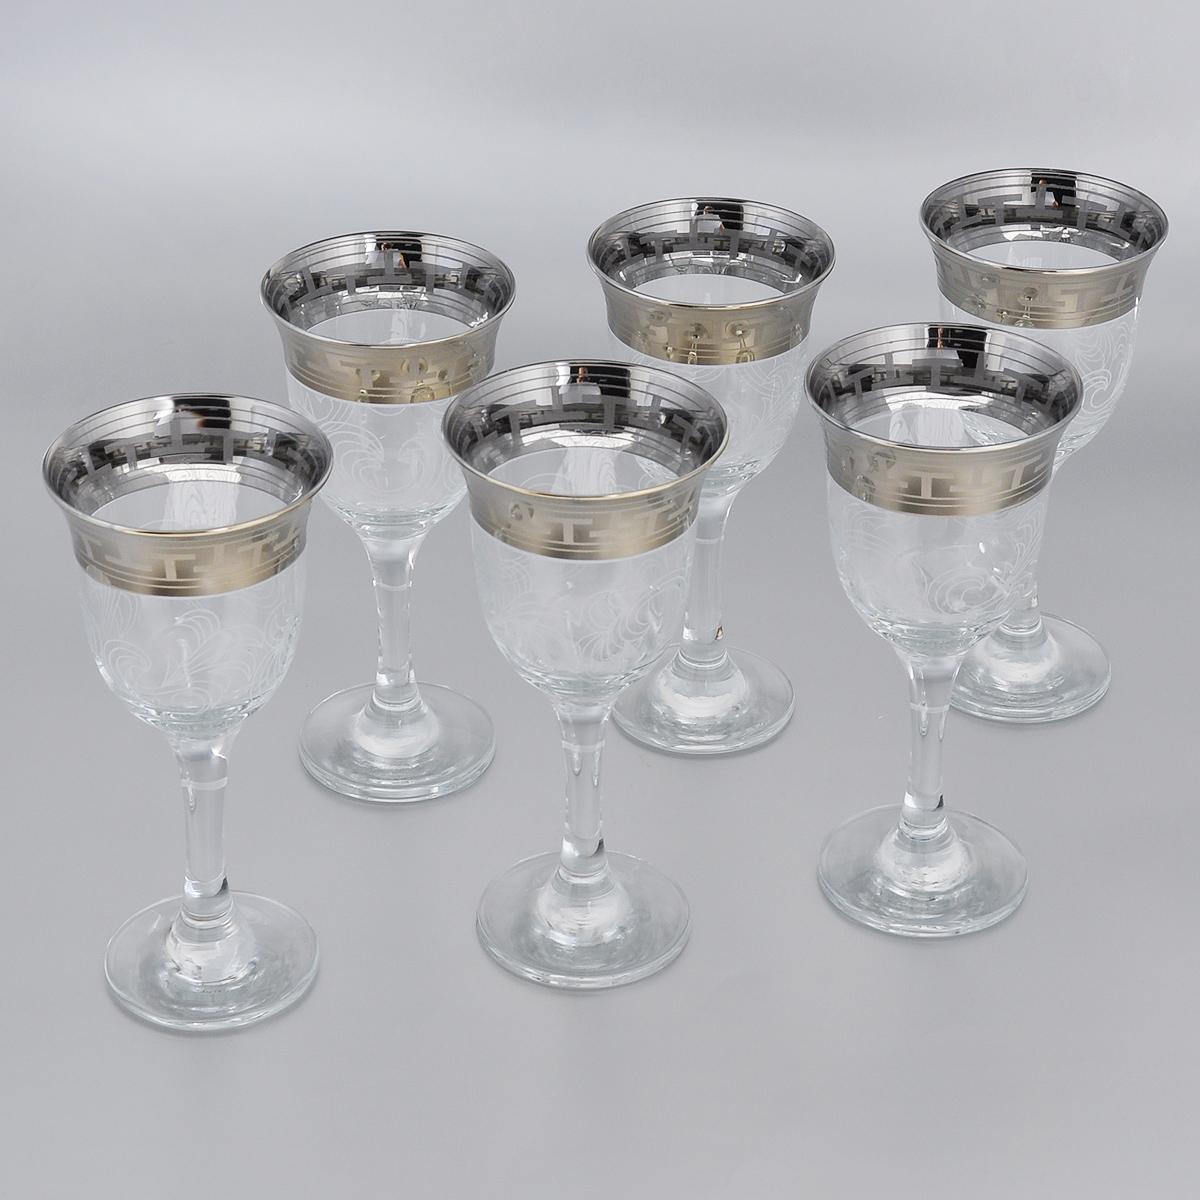 Набор фужеров Гусь-Хрустальный Греческий узор, 240 мл, 6 штGE01-863Набор Гусь-Хрустальный Греческий узор состоит из 6 фужеров для вина на тонких длинных ножках, изготовленных из высококачественного натрий-кальций-силикатного стекла. Изделия оформлены красивым зеркальным покрытием и белым матовым орнаментом. Такой набор прекрасно дополнит праздничный стол и станет желанным подарком в любом доме.Разрешается мыть в посудомоечной машине.Диаметр фужера (по верхнему краю): 8,5 см.Высота фужера: 17,5 см.